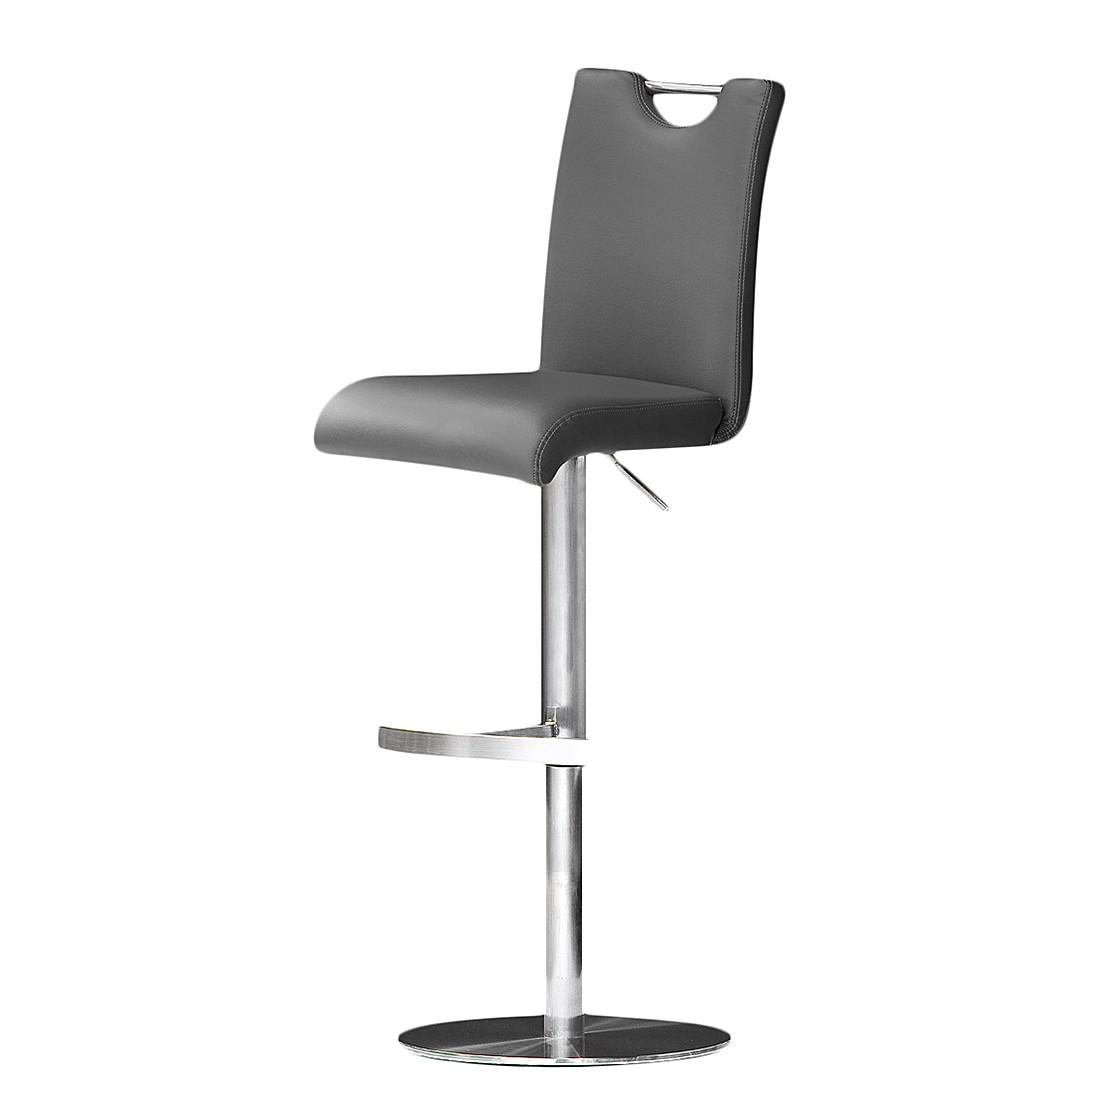 Home 24 - Chaise de bar ed - gris - cuir synthétique - sur, roomscape